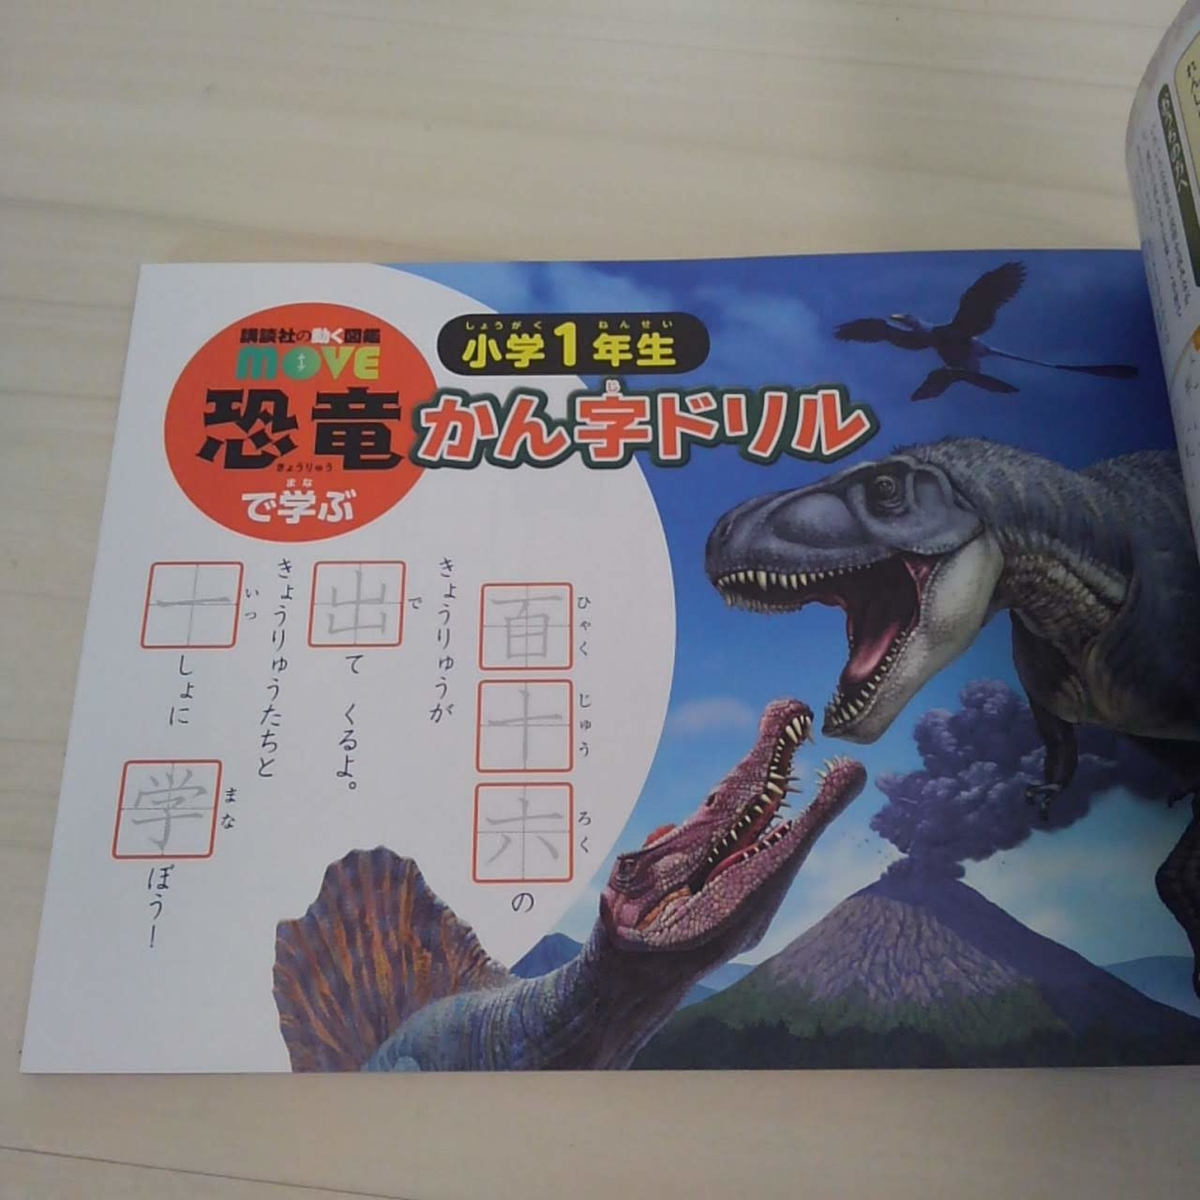 恐竜で学ぶ かん字ドリル 小1ドリル